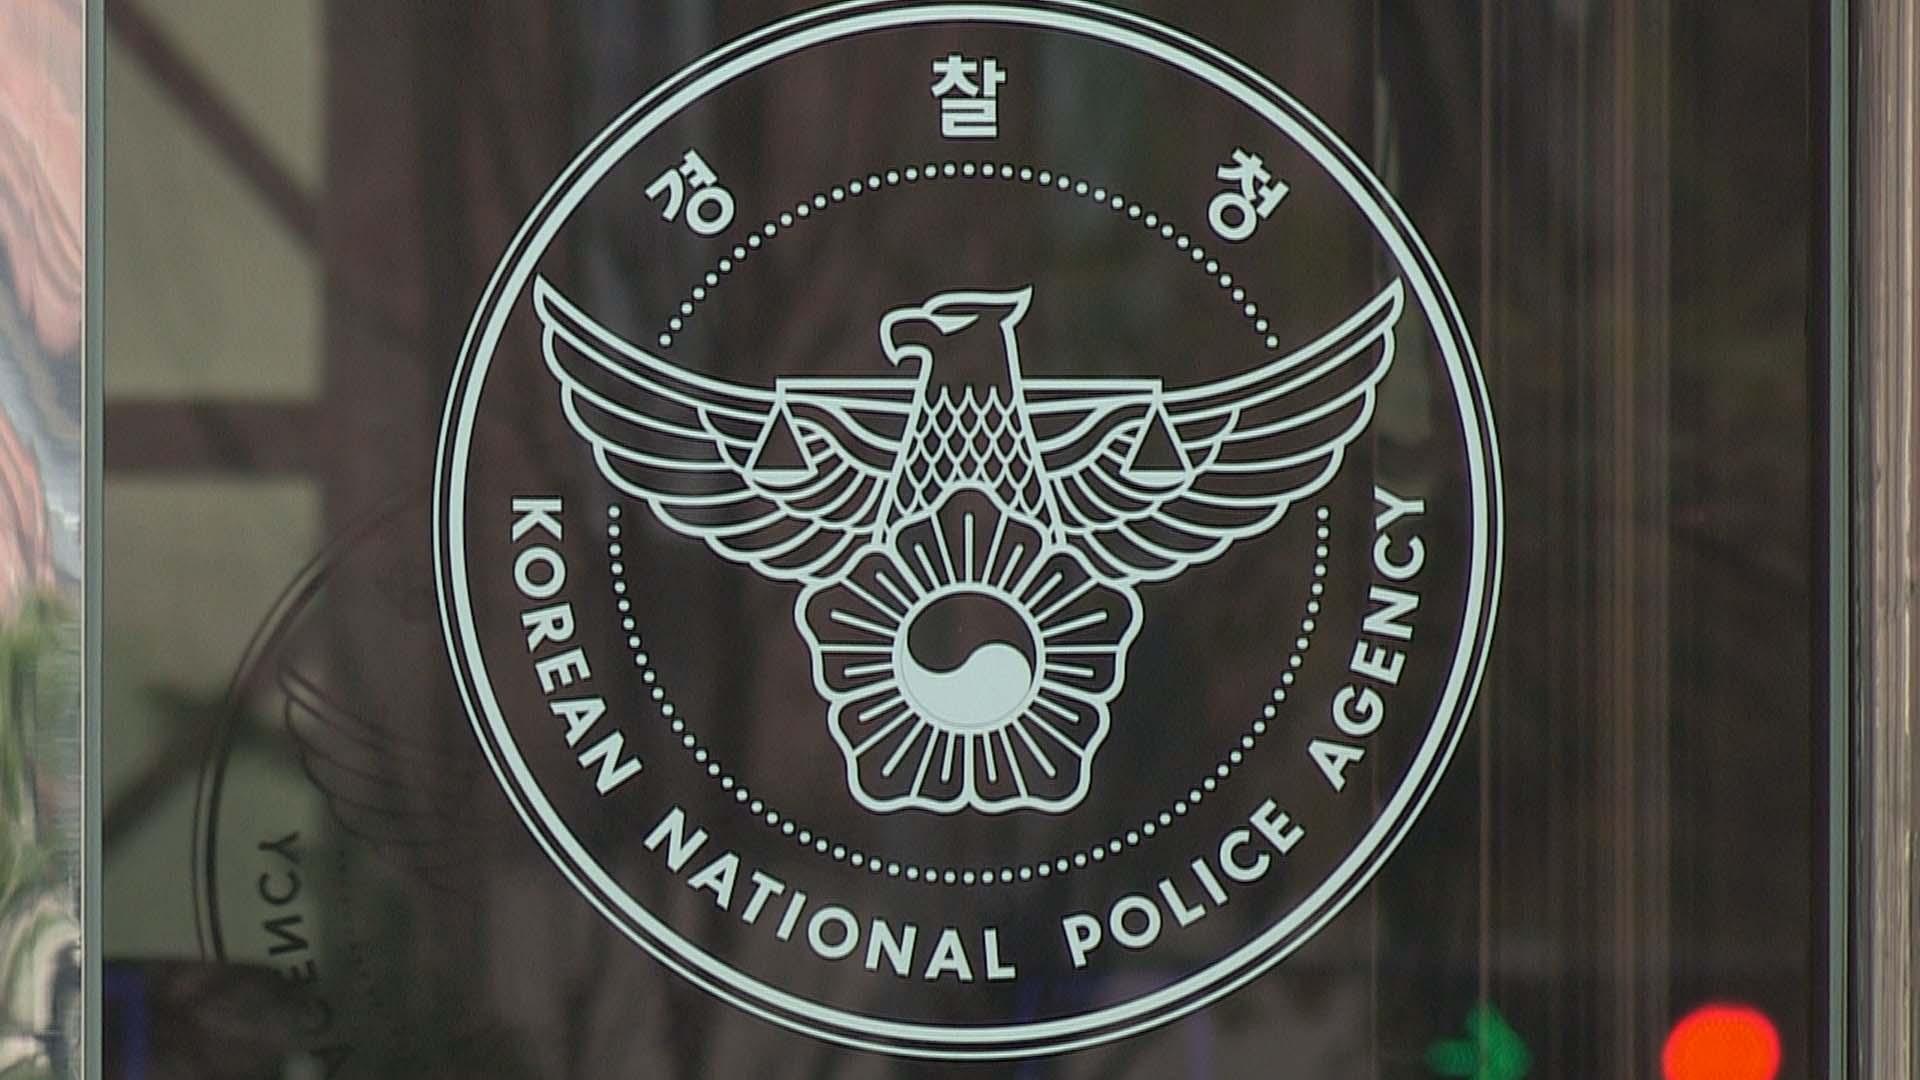 자가격리 위반 속출…경찰 엄정 대응 예고